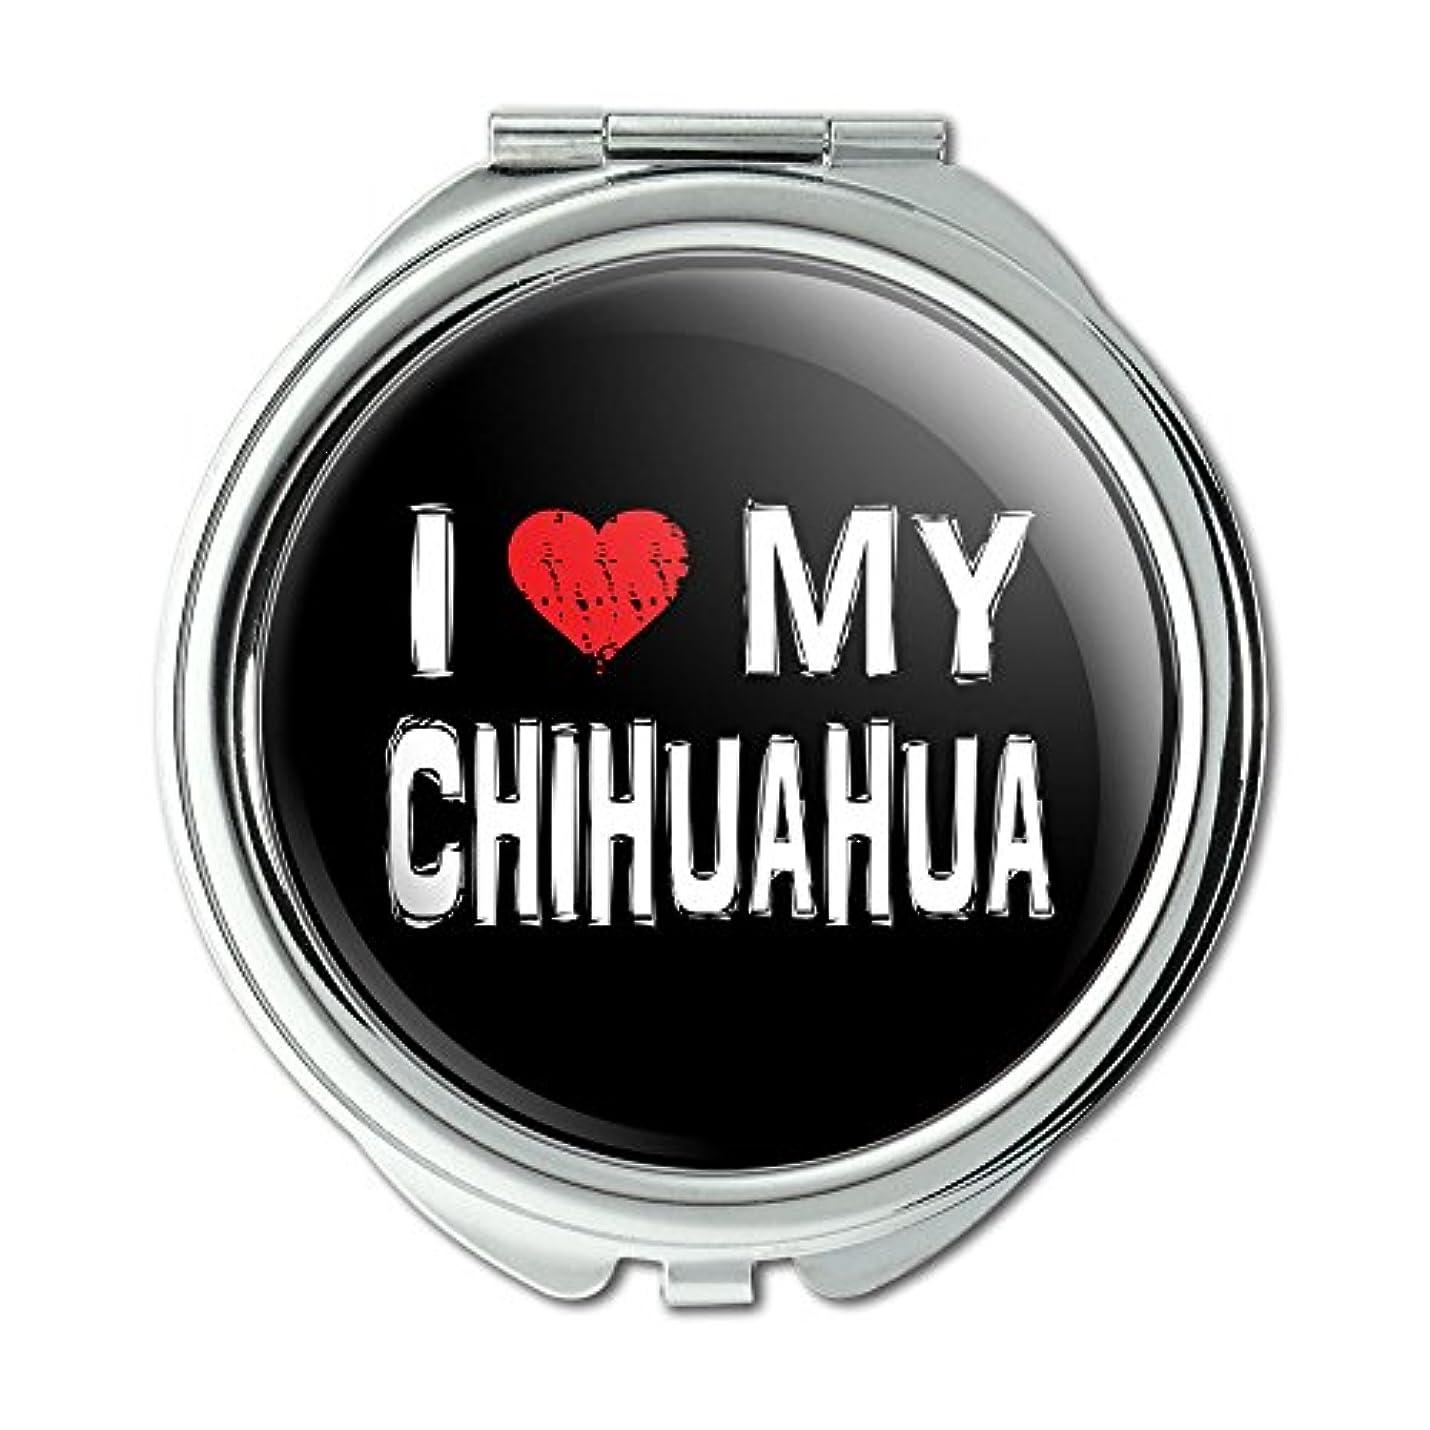 サンドイッチ苦行ネストI Love My Chihuahua Stylish Compact Purse Mirror